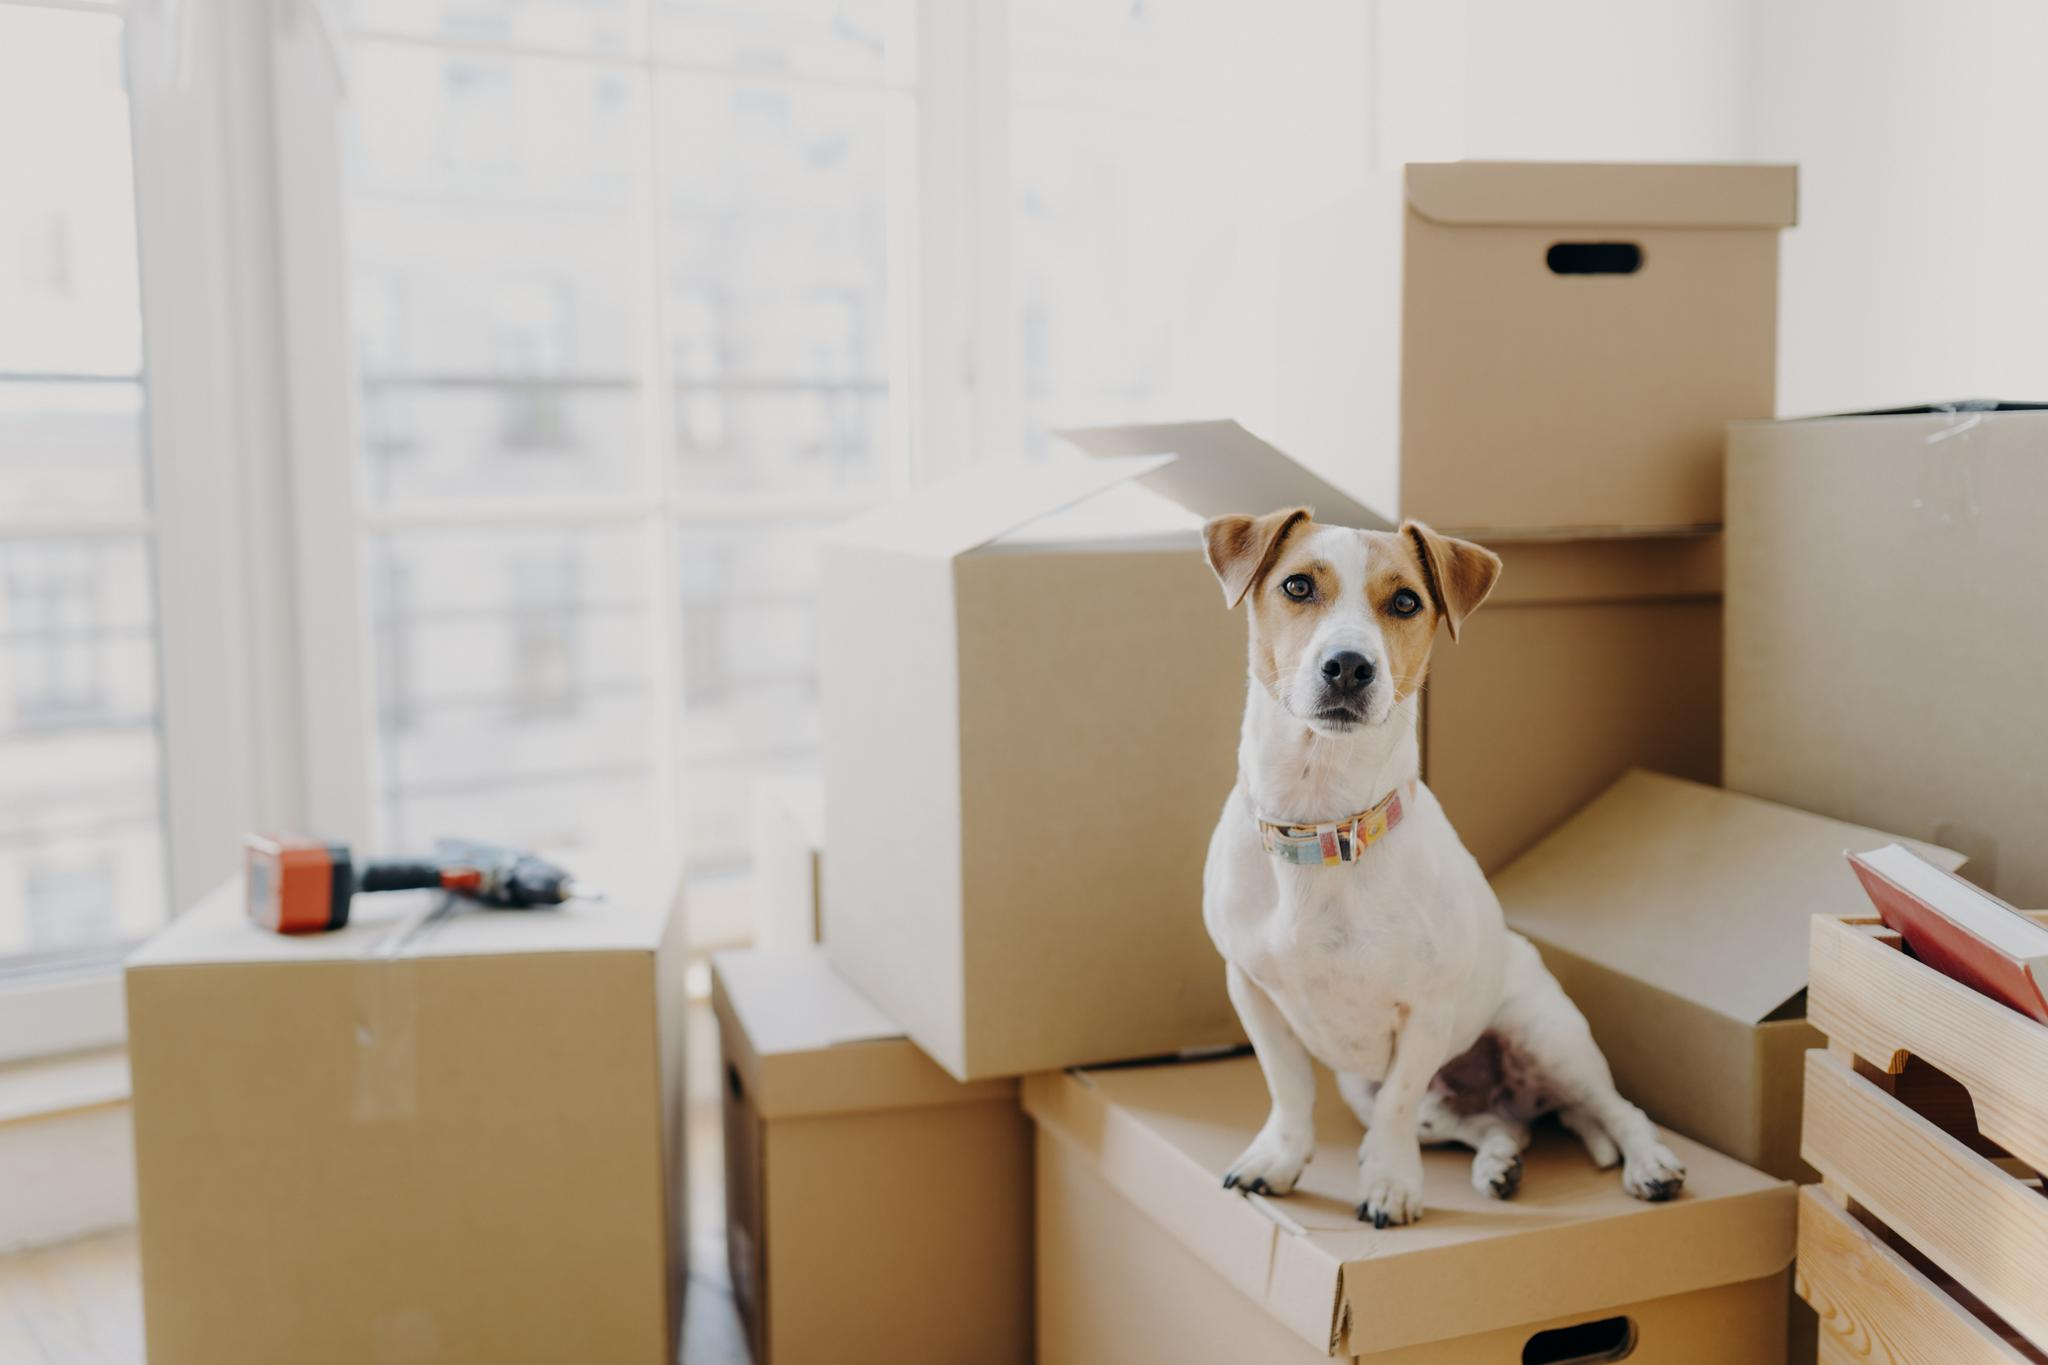 Hund sitzt auf Stapel Umzugskartons vor einem Fenster